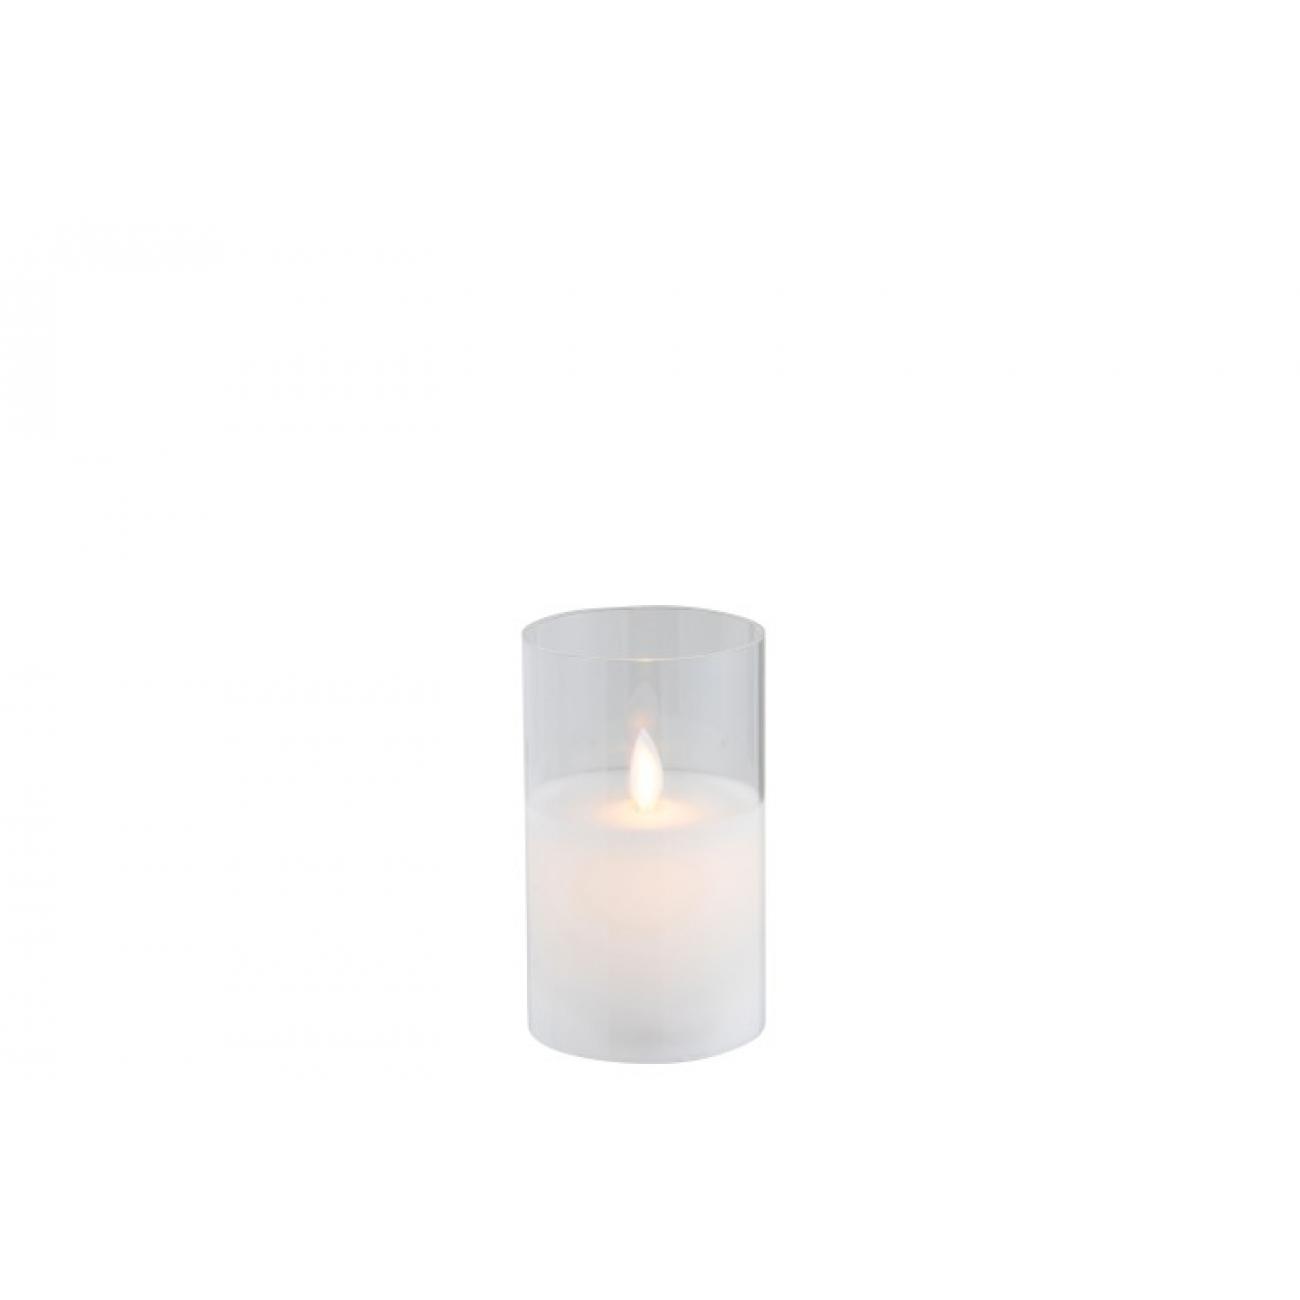 Ночник  J-LINE с имитацией живого огня  белый 13 см